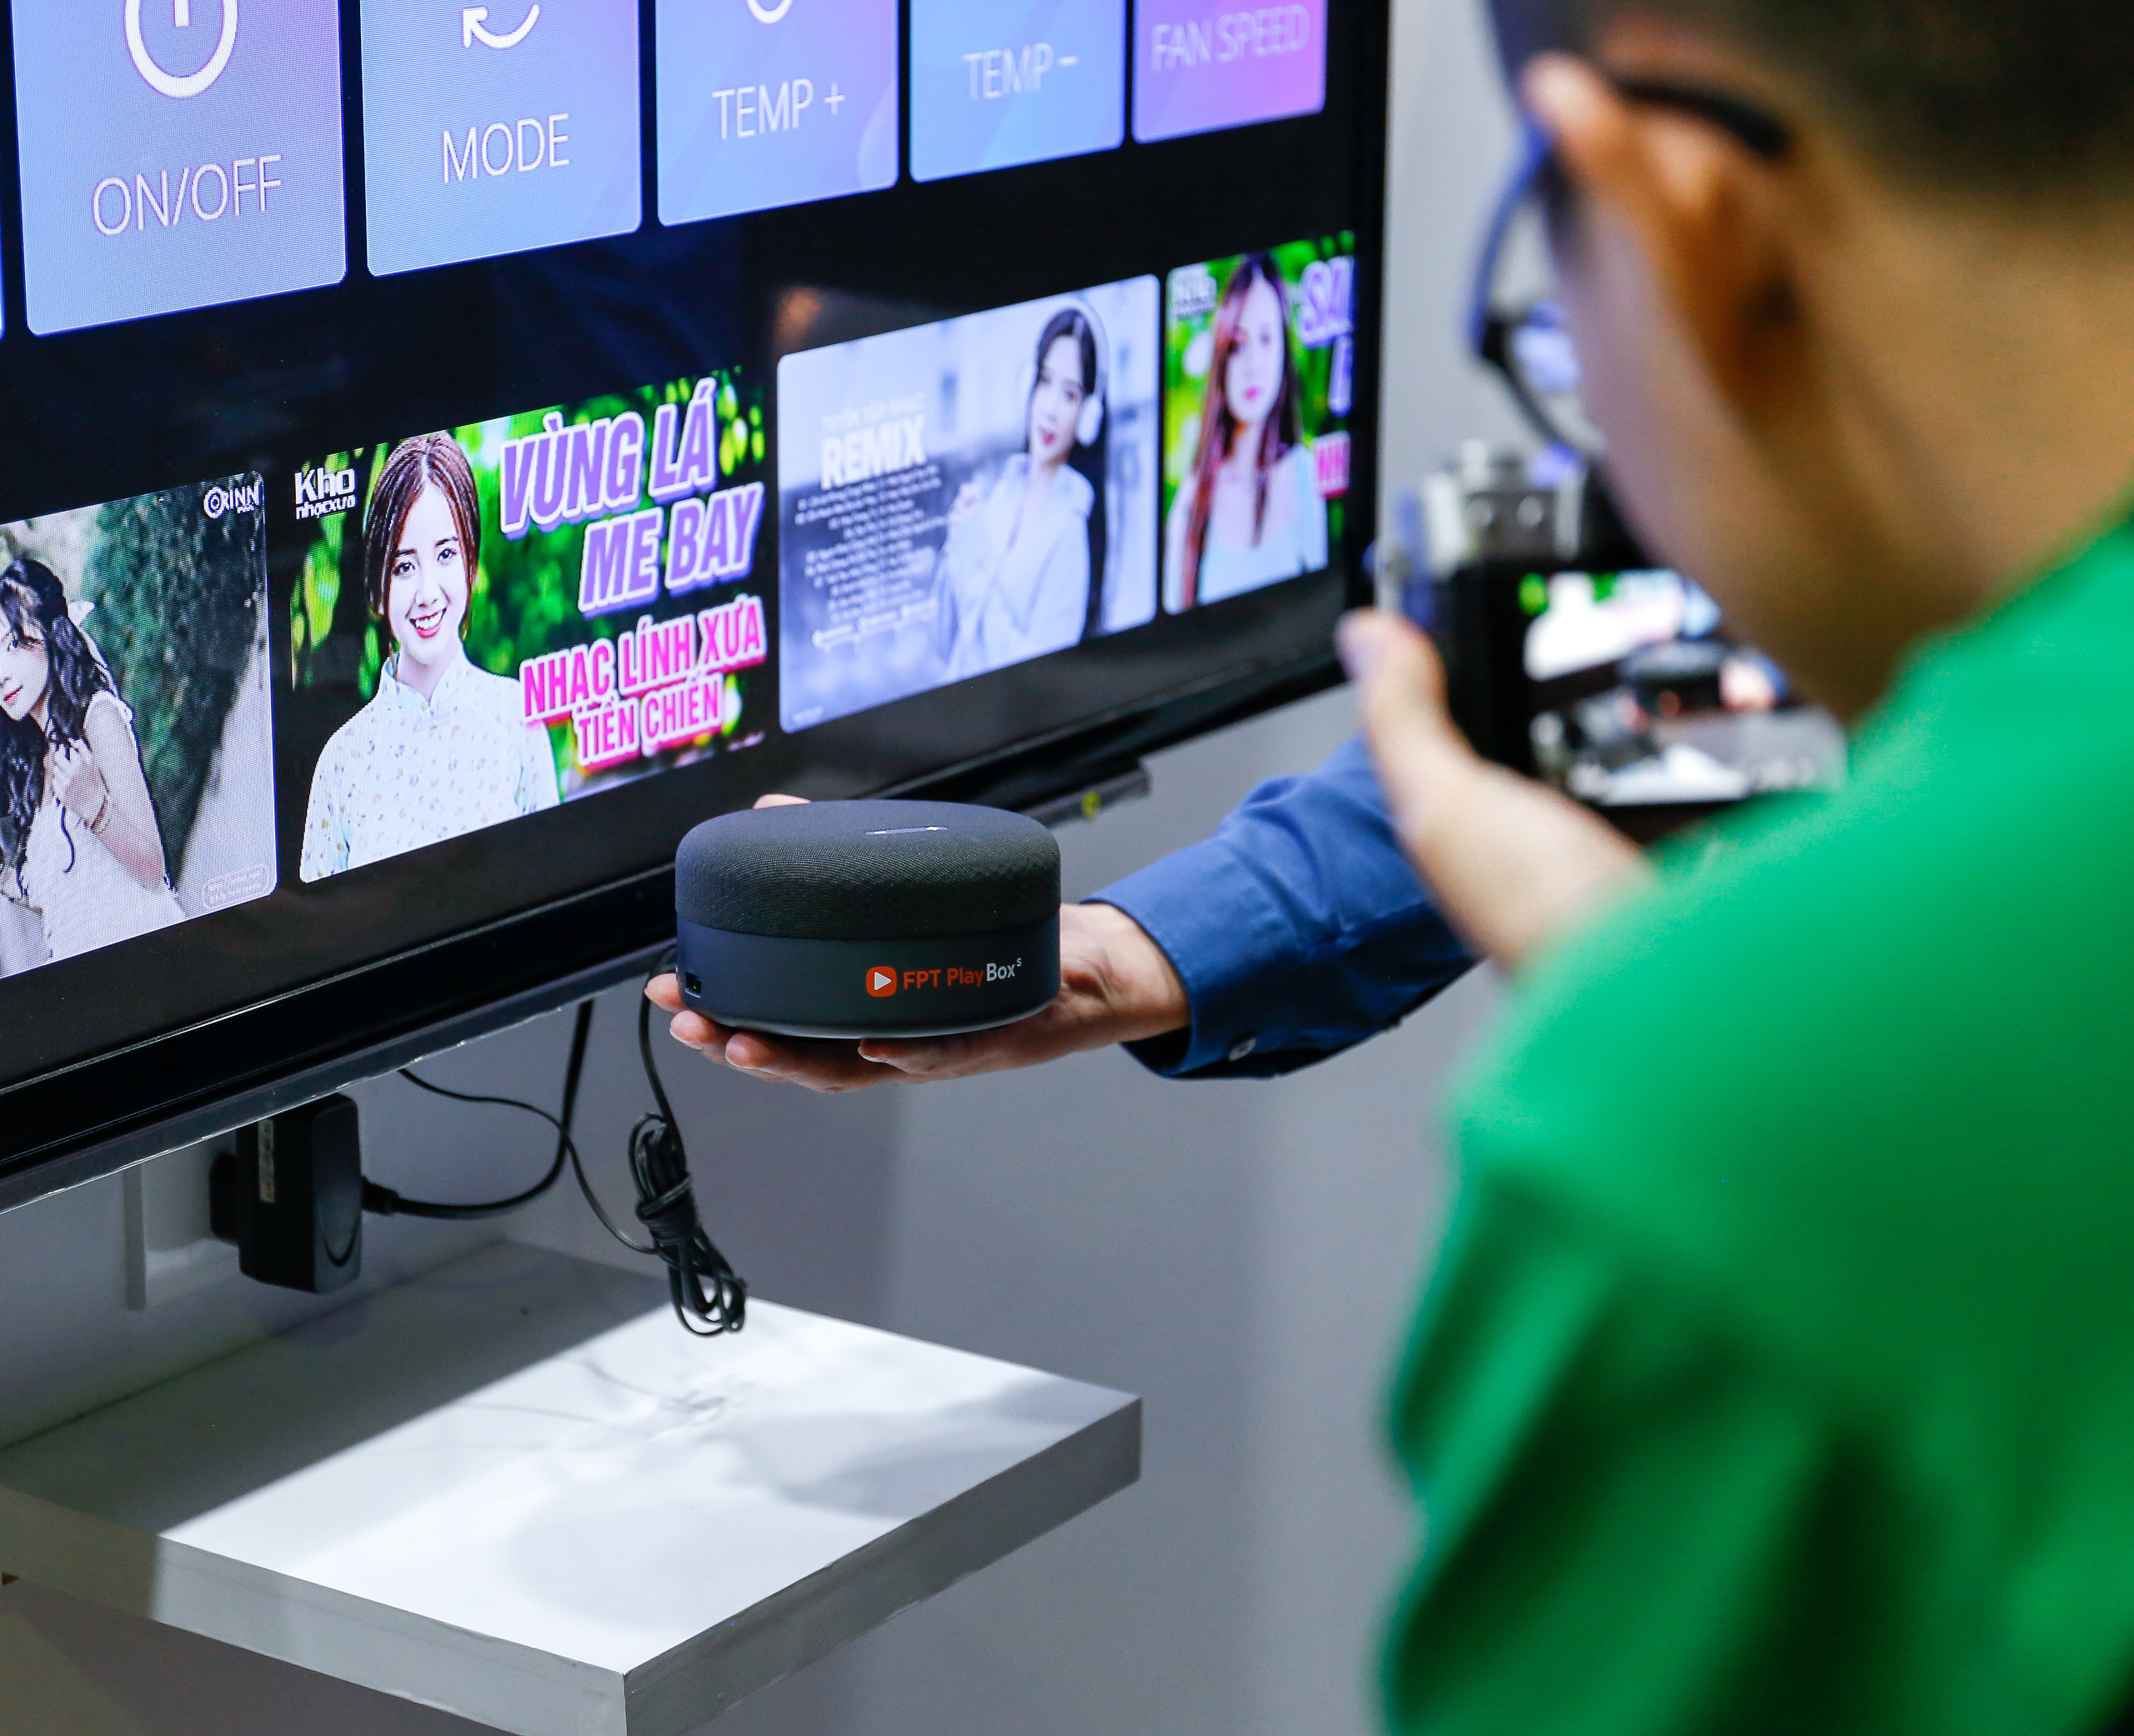 Thị trường công nghệ tháng 5 ồn ào với nhiều sản phẩm mới ra mắt cùng hàng loạt ưu đãi từ chuỗi bán lẻ - Ảnh 7.